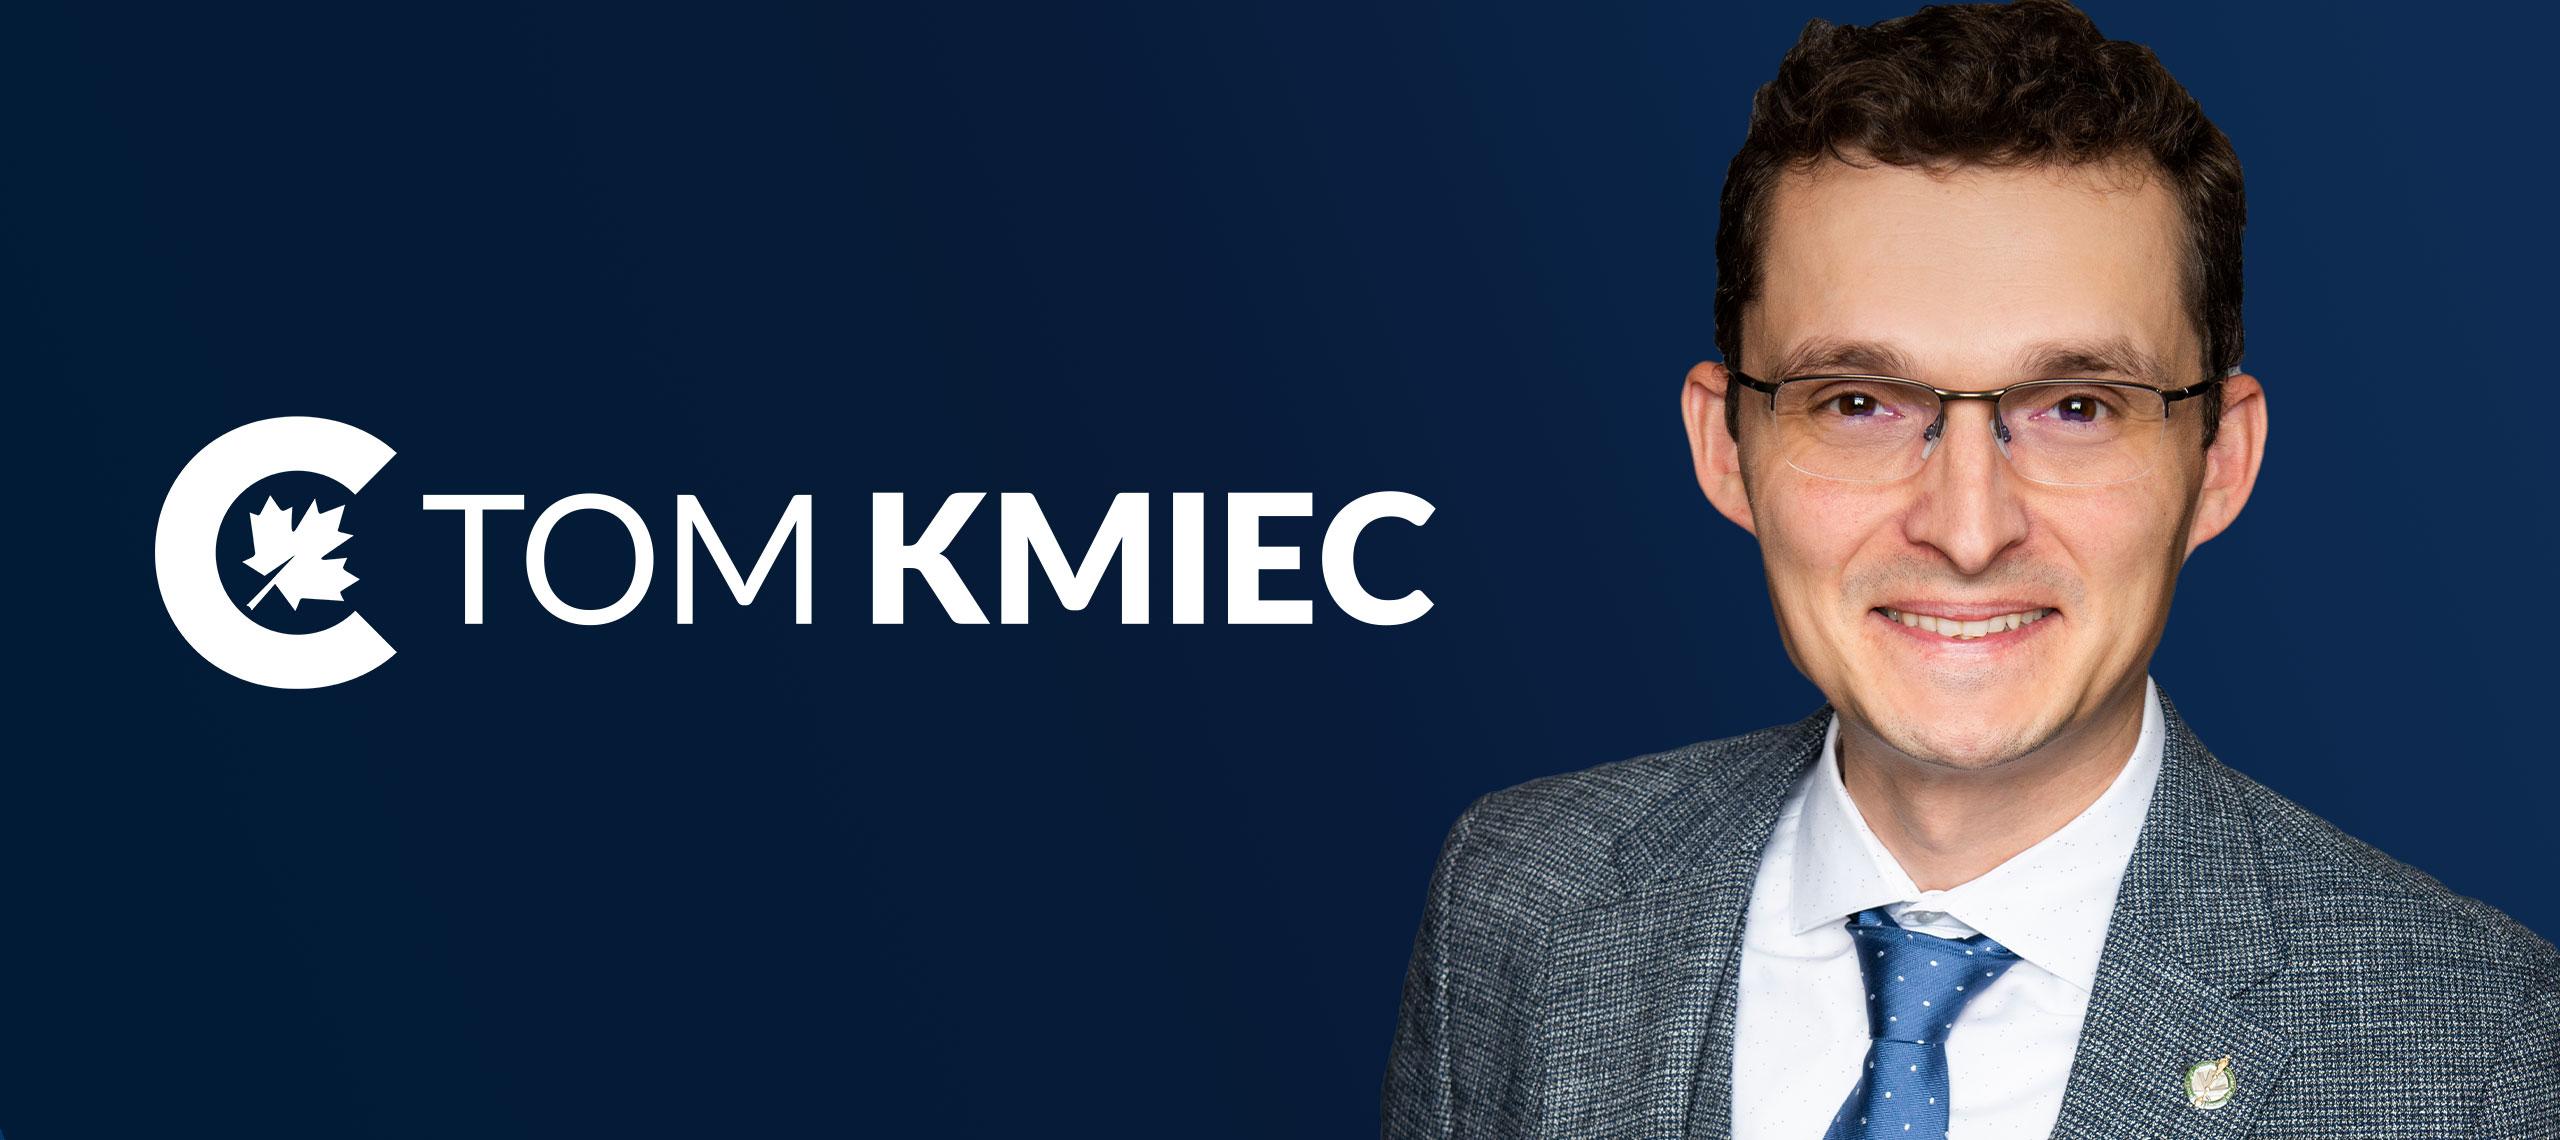 Tom Kmiec